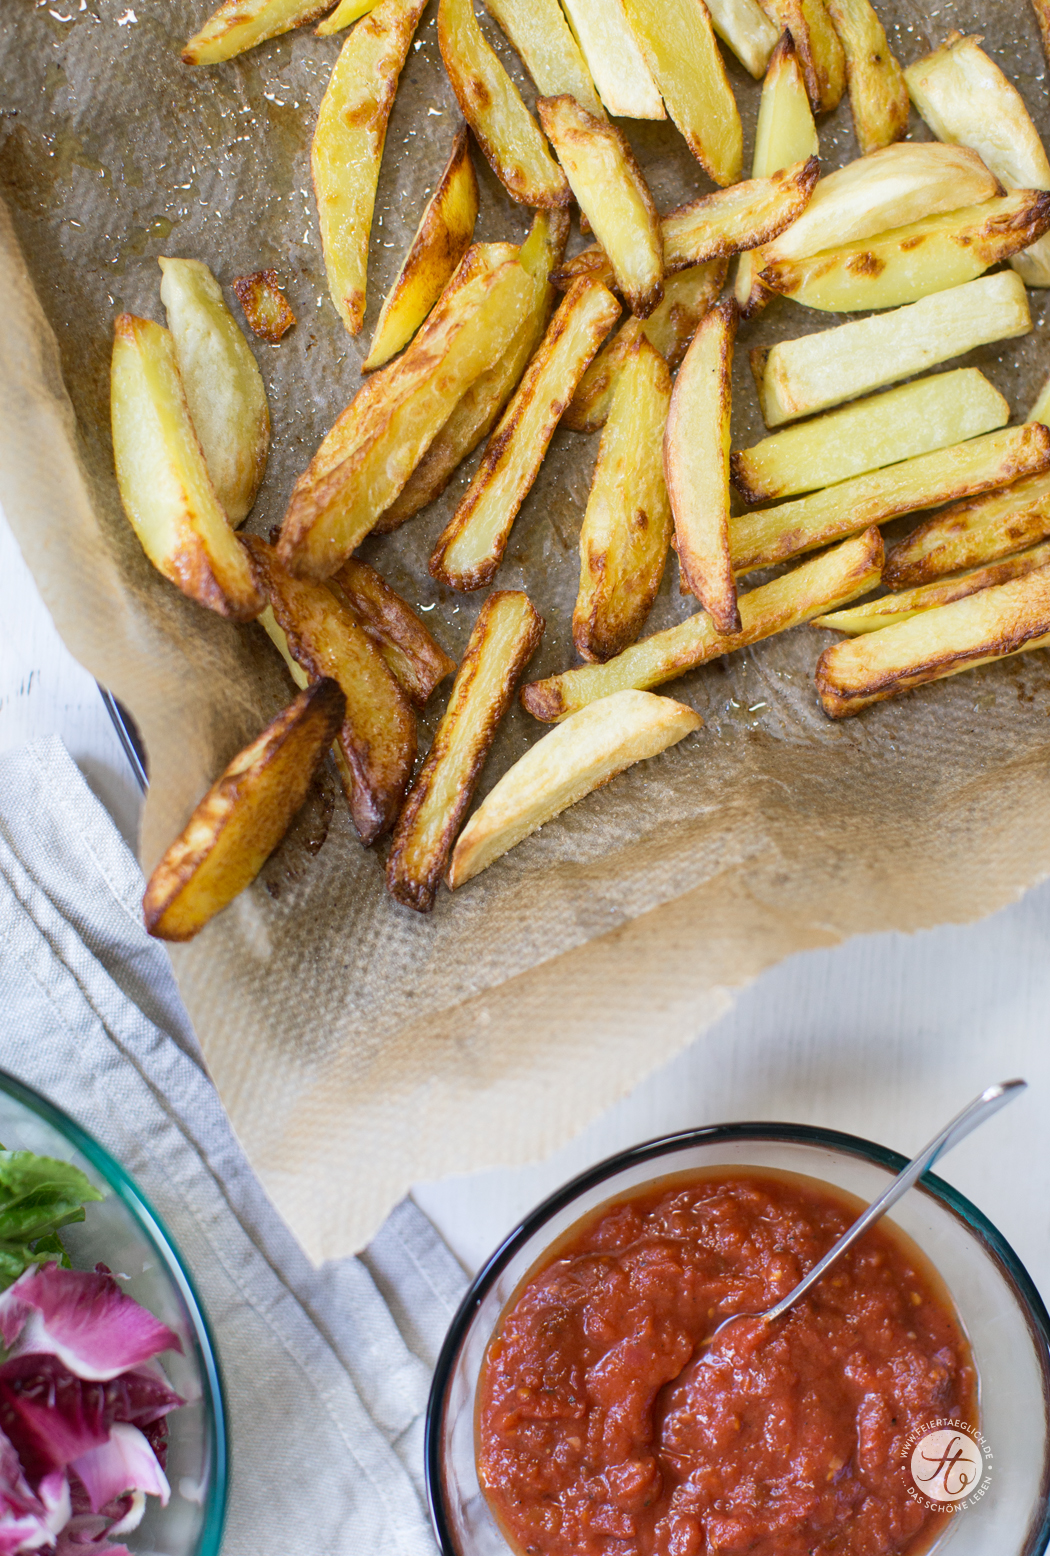 Ofen Pommes mit selbst gemachtem Tomatenketchup (zuckerfrei)